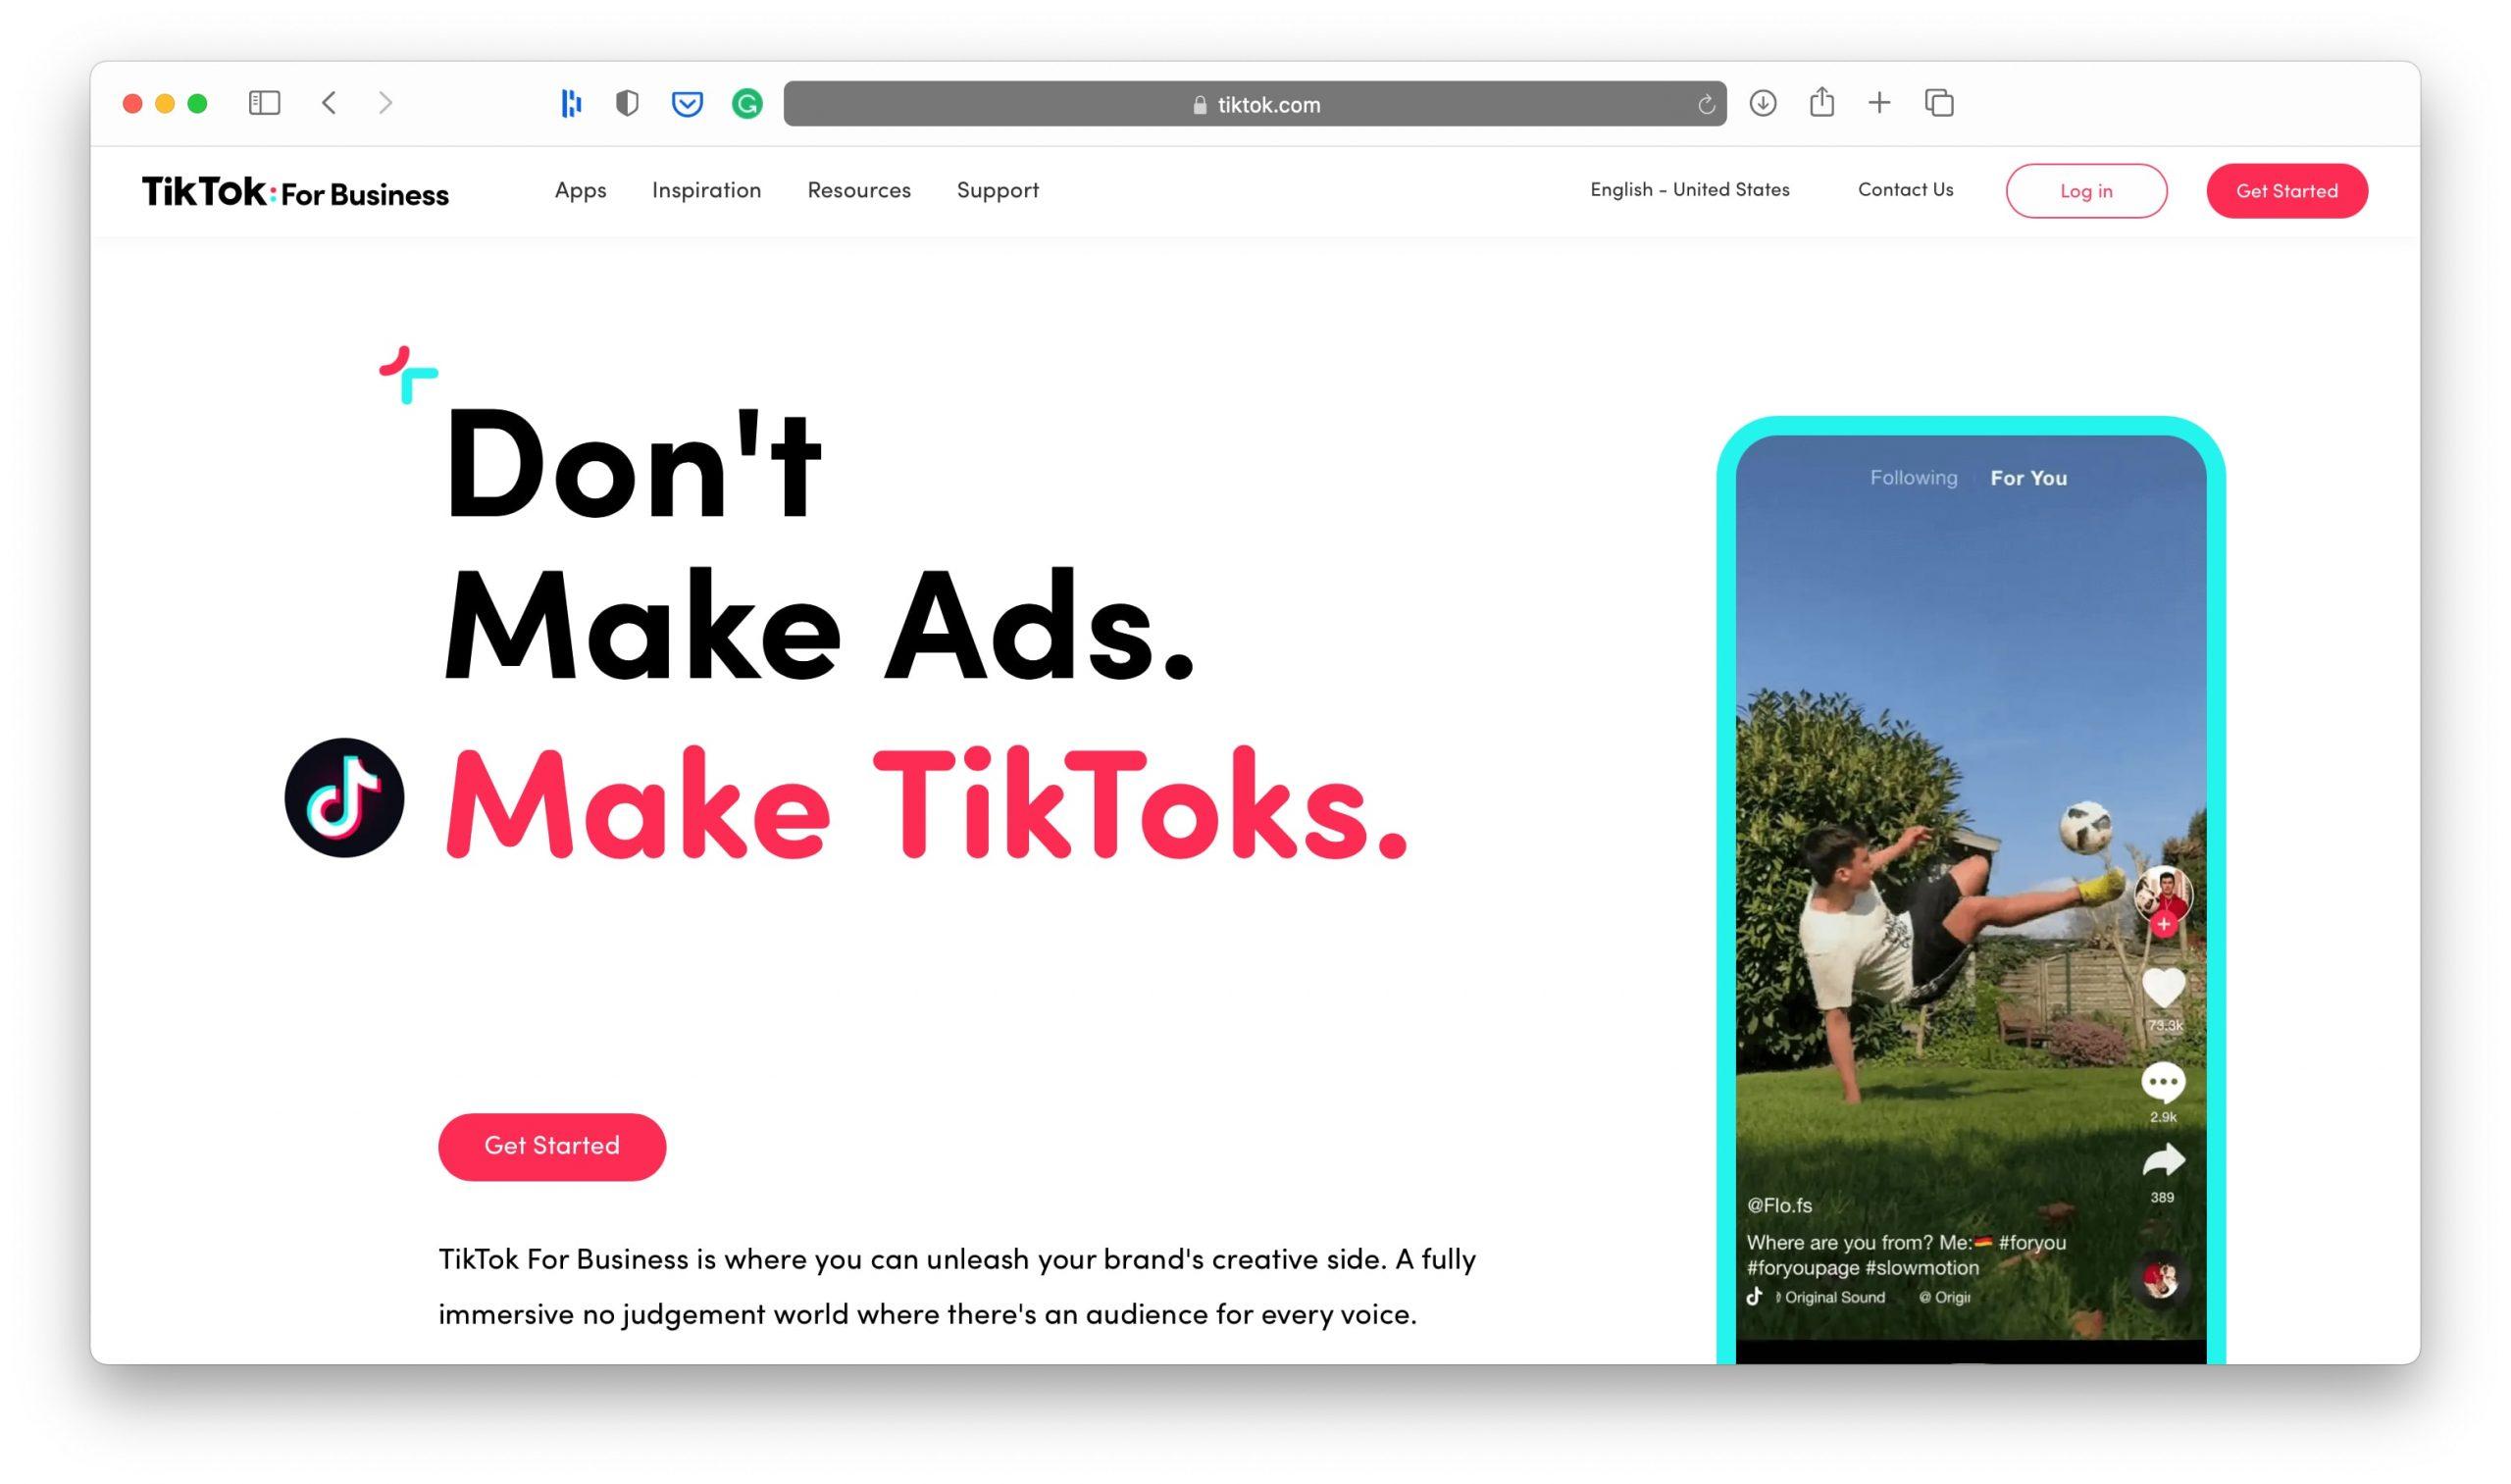 TikTok Social Media Marketing